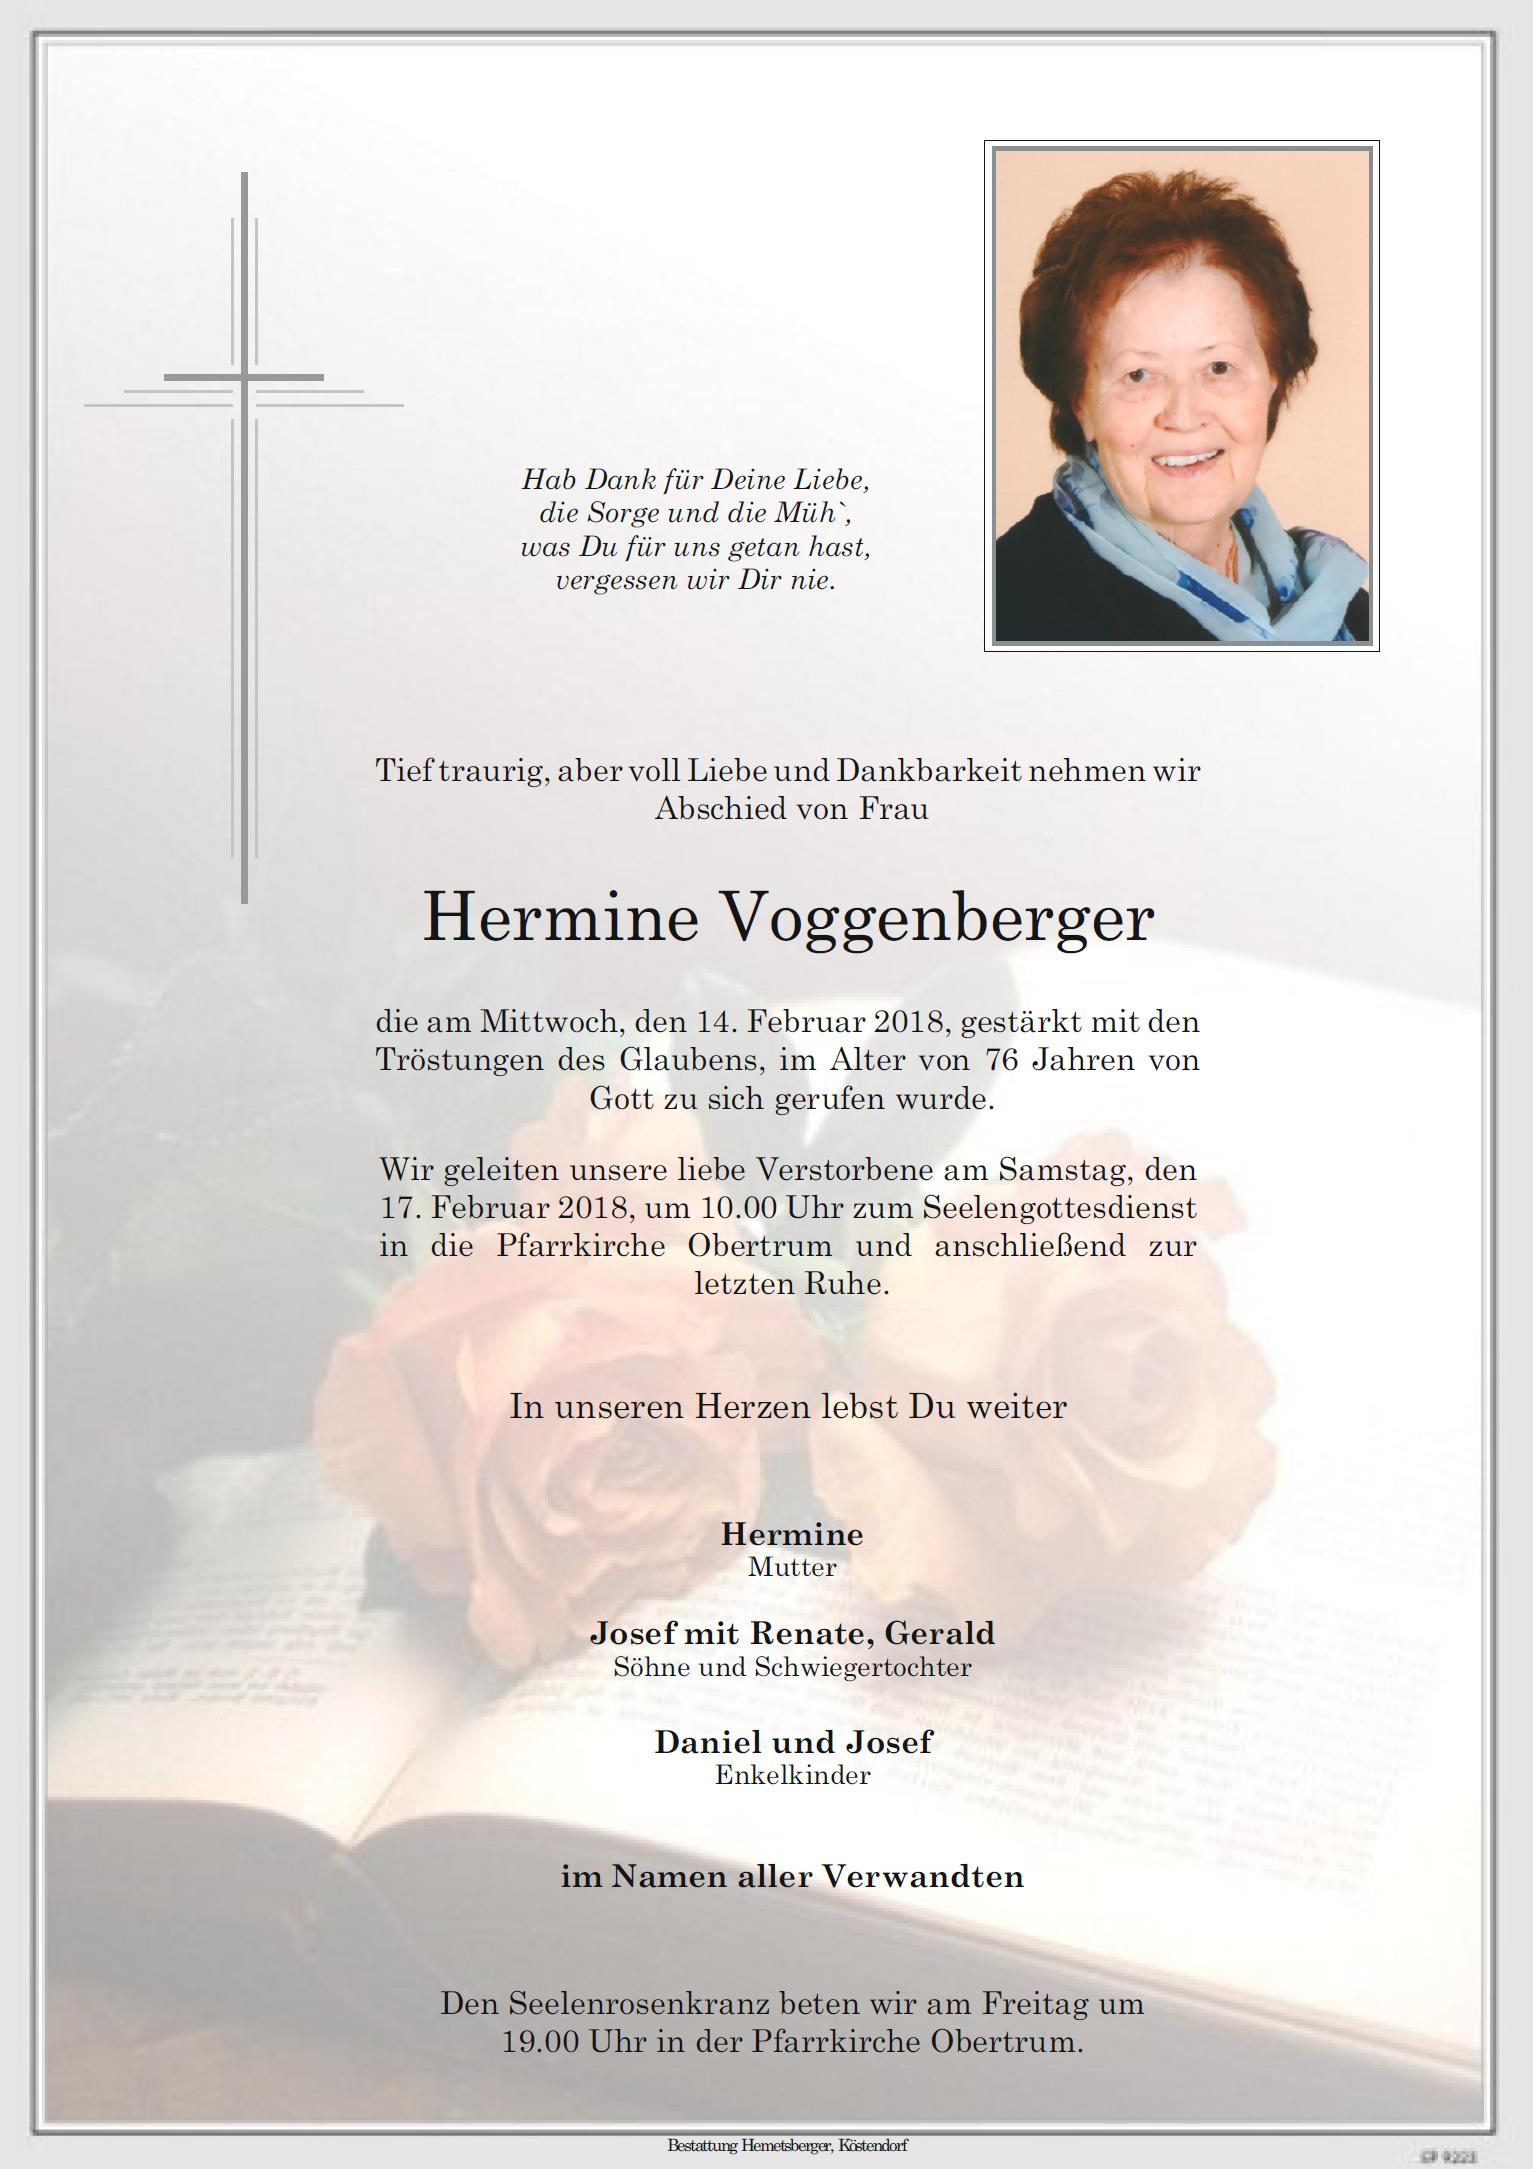 voggenberger parte